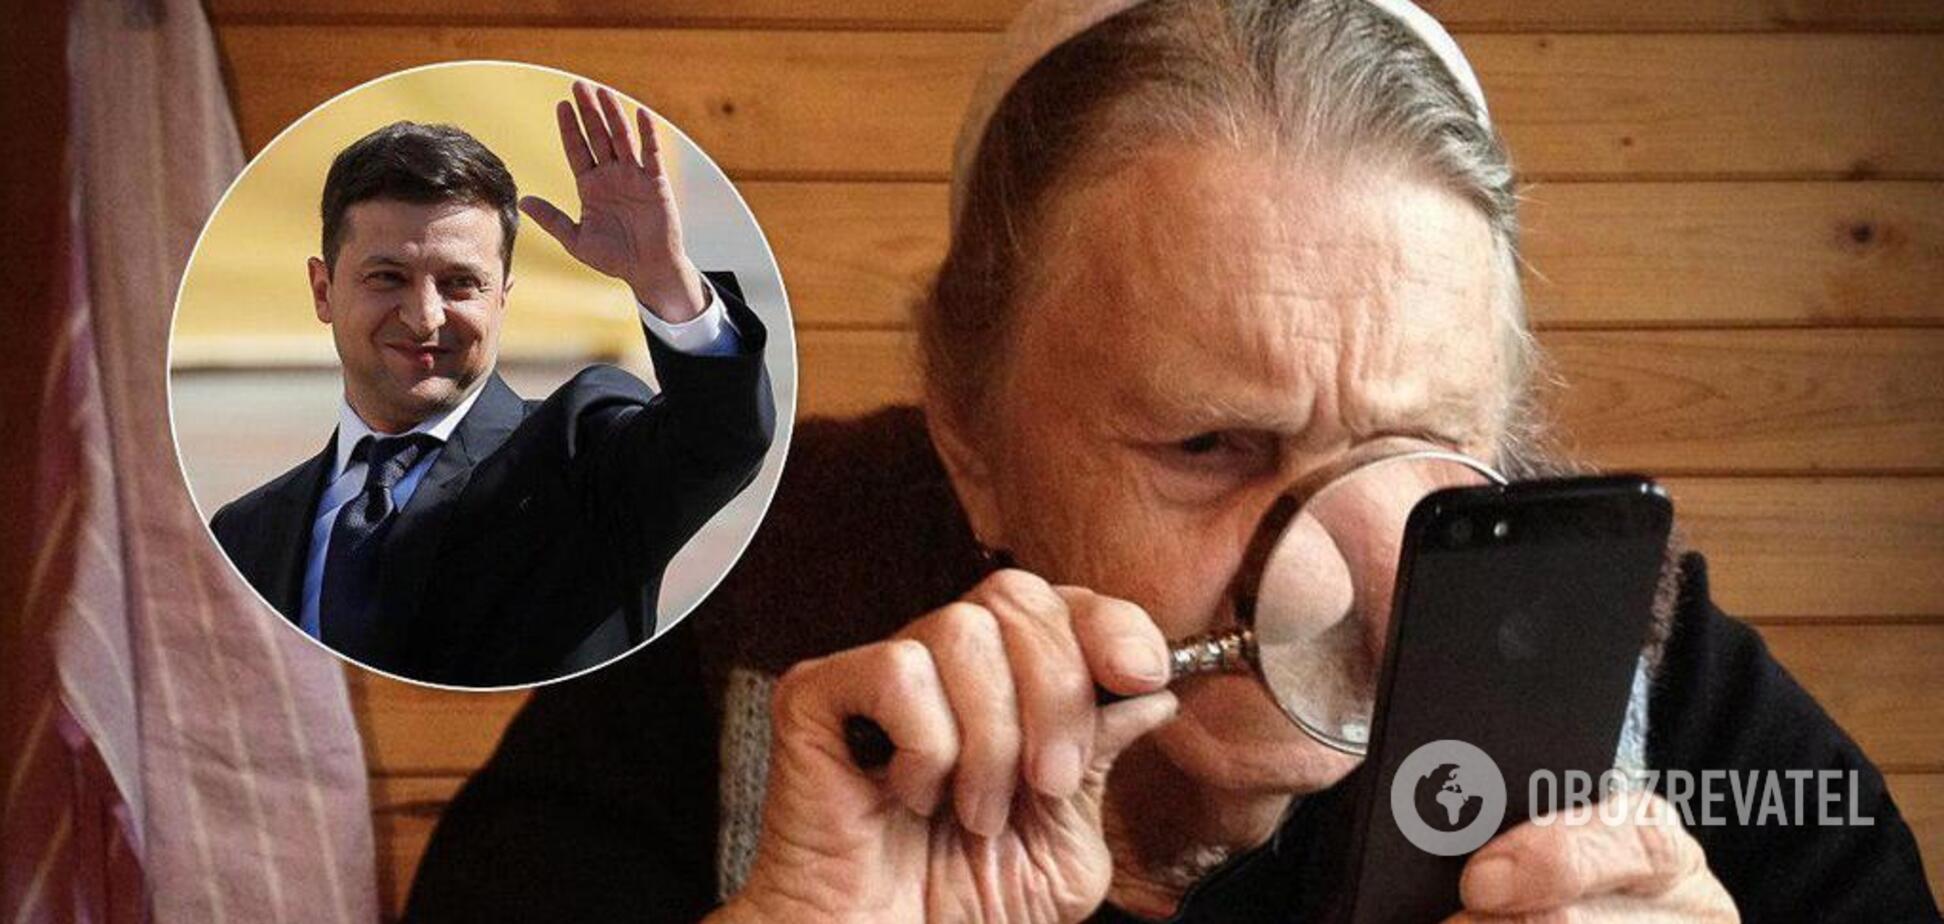 В Украине проверят всех пенсионеров, у части заберут деньги: 'Слуга народа' приняла закон